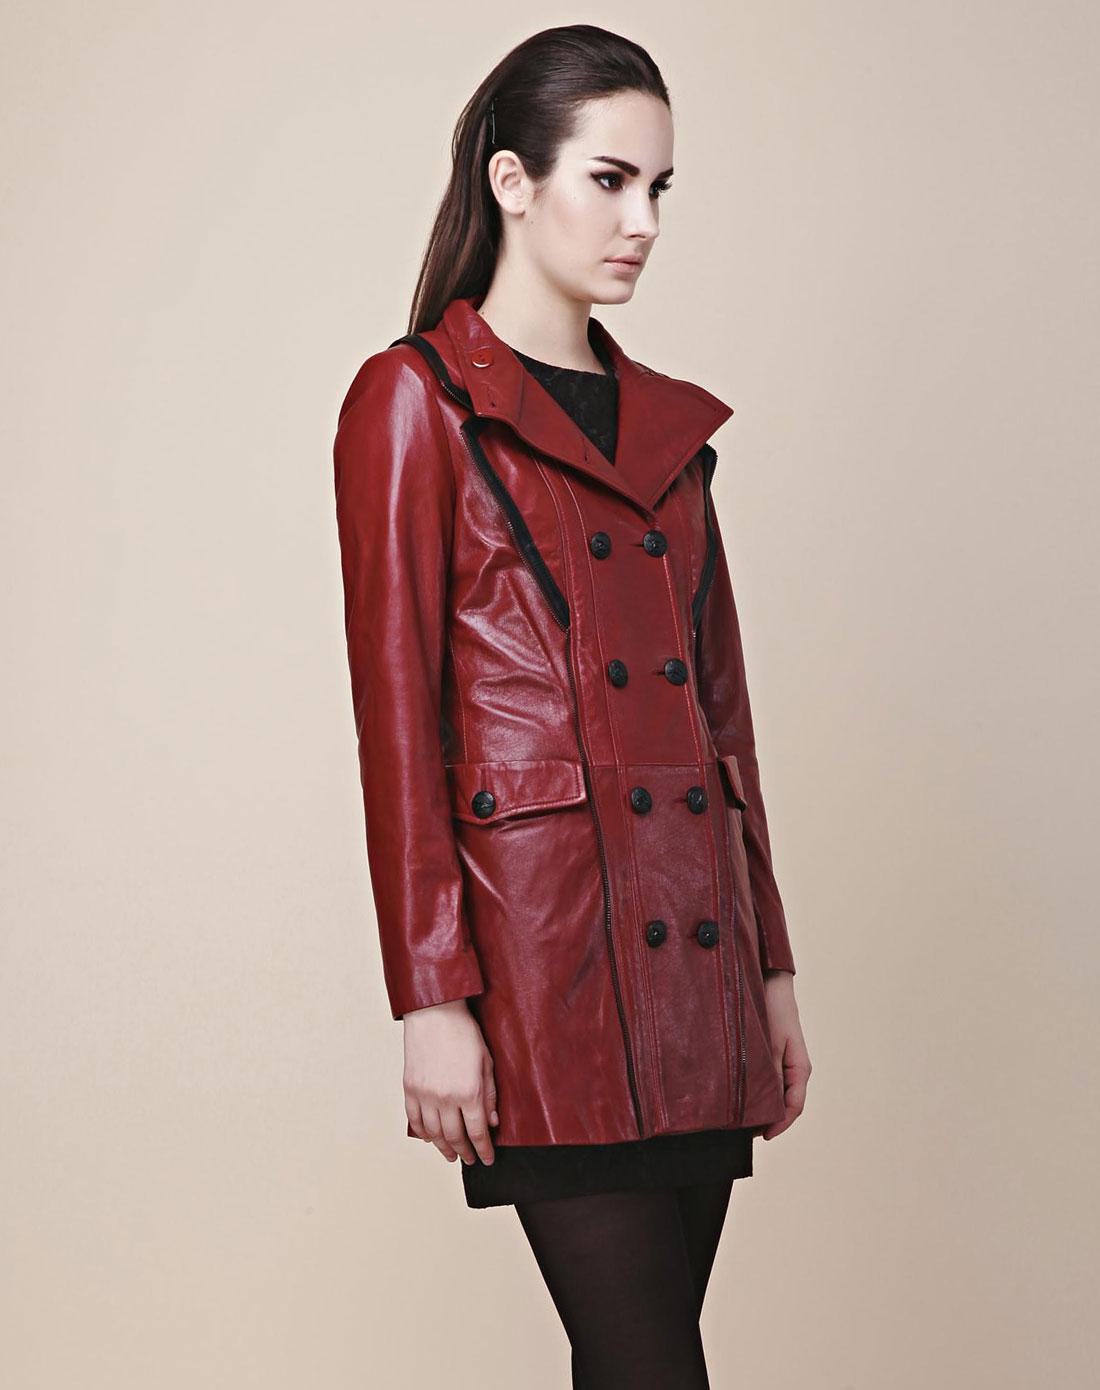 酒红色长款皮夹克amj124ljk314x1